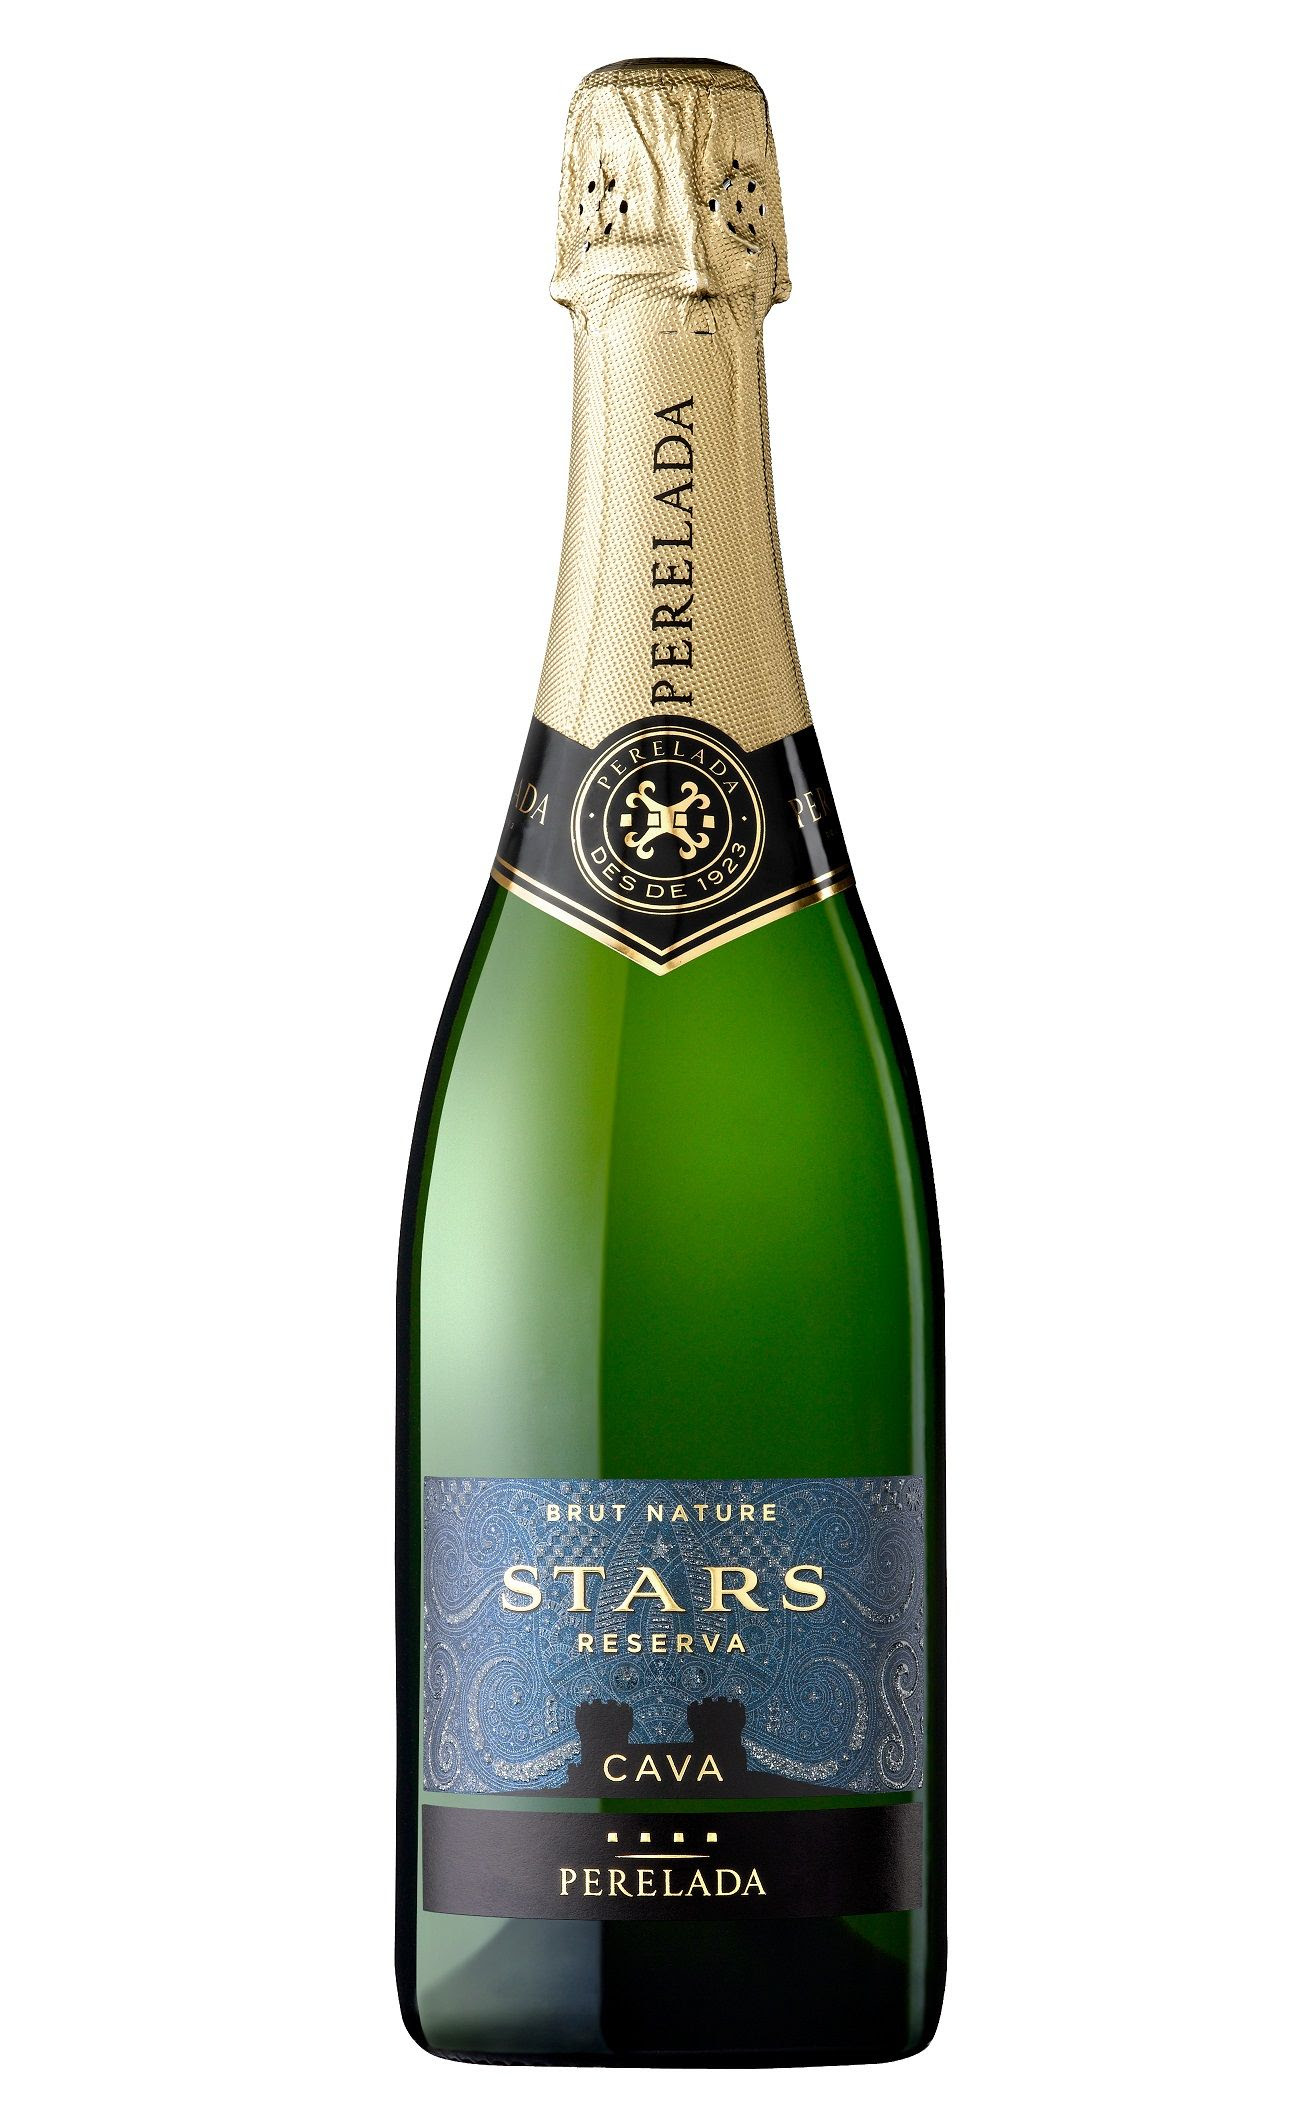 STARS, Medalla de Oro